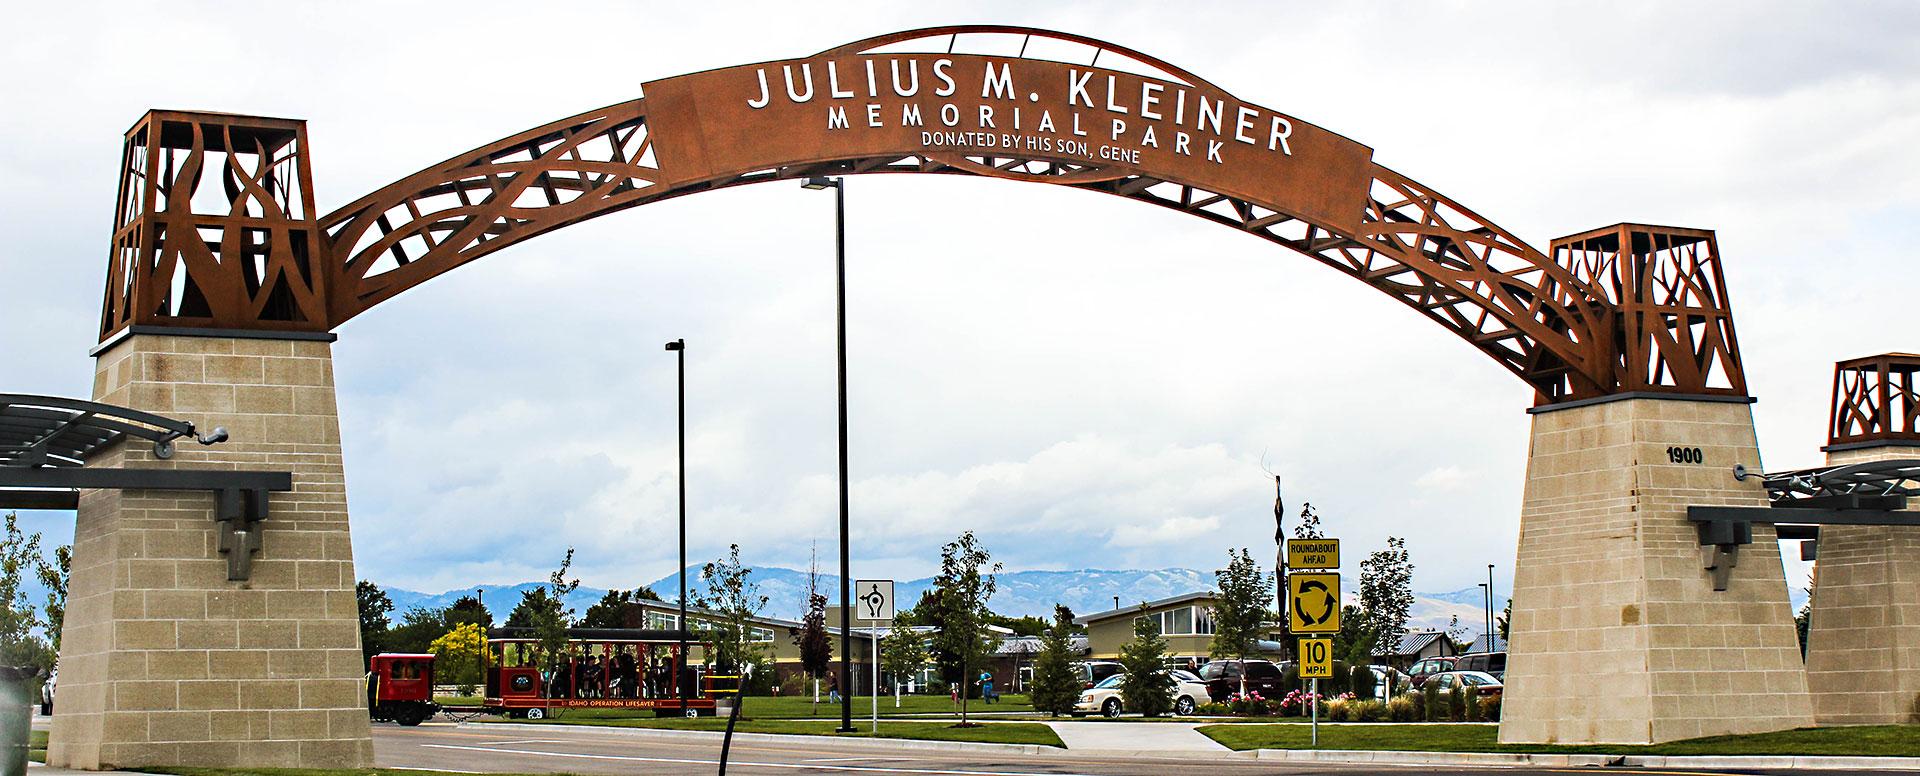 Julius Kleiner Entryway Sign